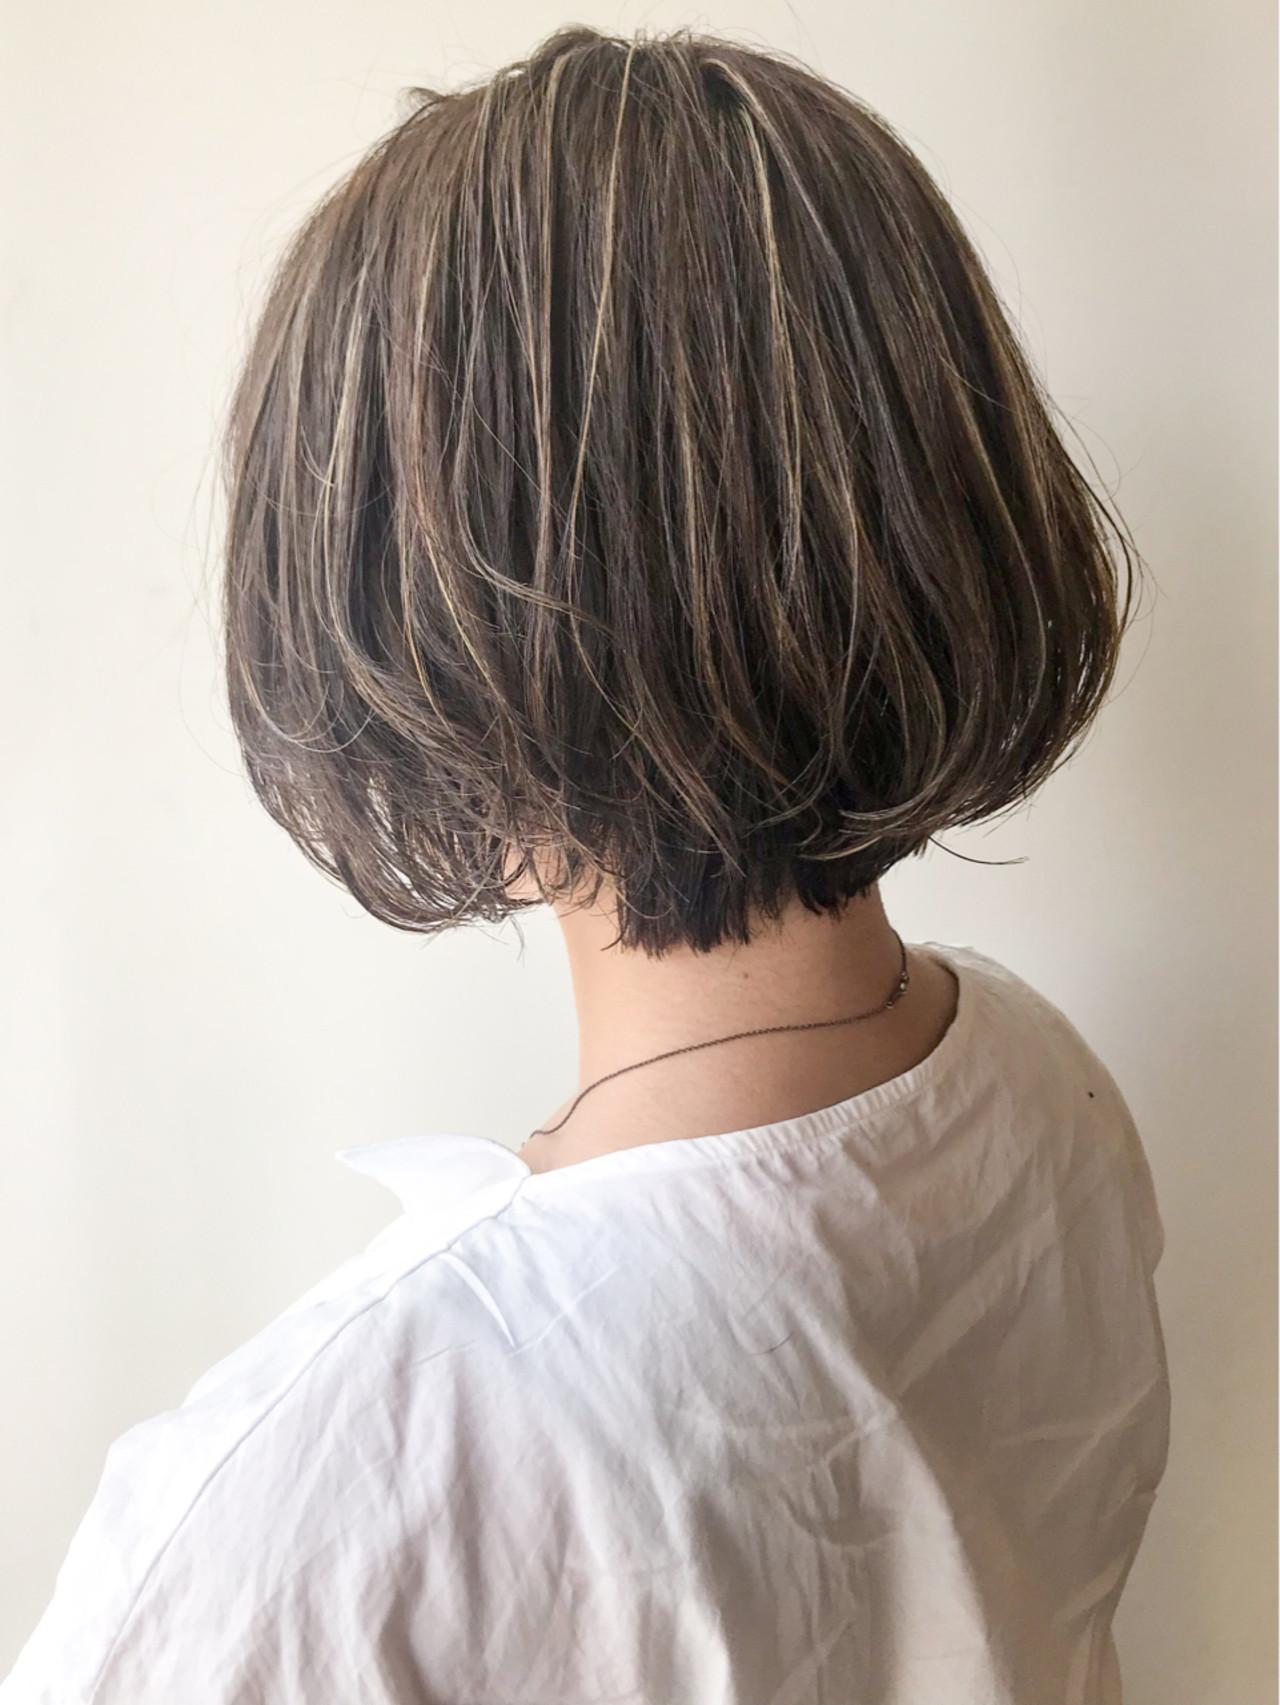 コンサバ オフィス ボブ ショートボブ ヘアスタイルや髪型の写真・画像 | HIROKI / roijir / roijir